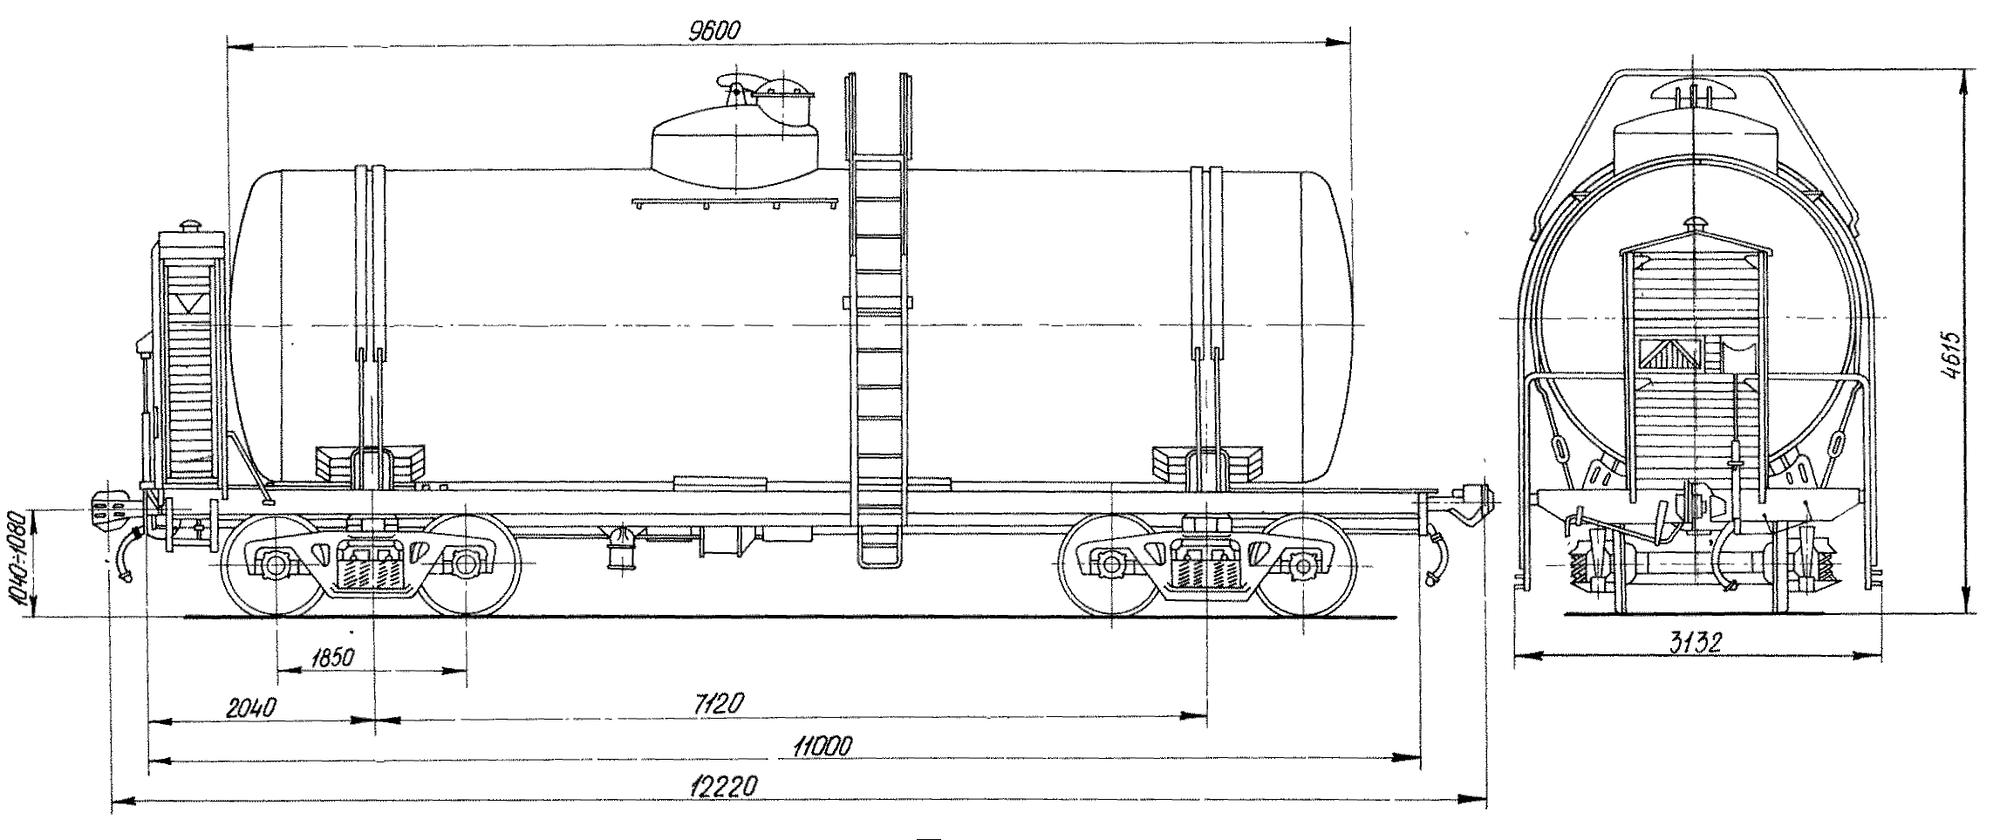 4-осная цистерна для бензина и нефти с объемом котла 50 м3 с тормозной площадкой